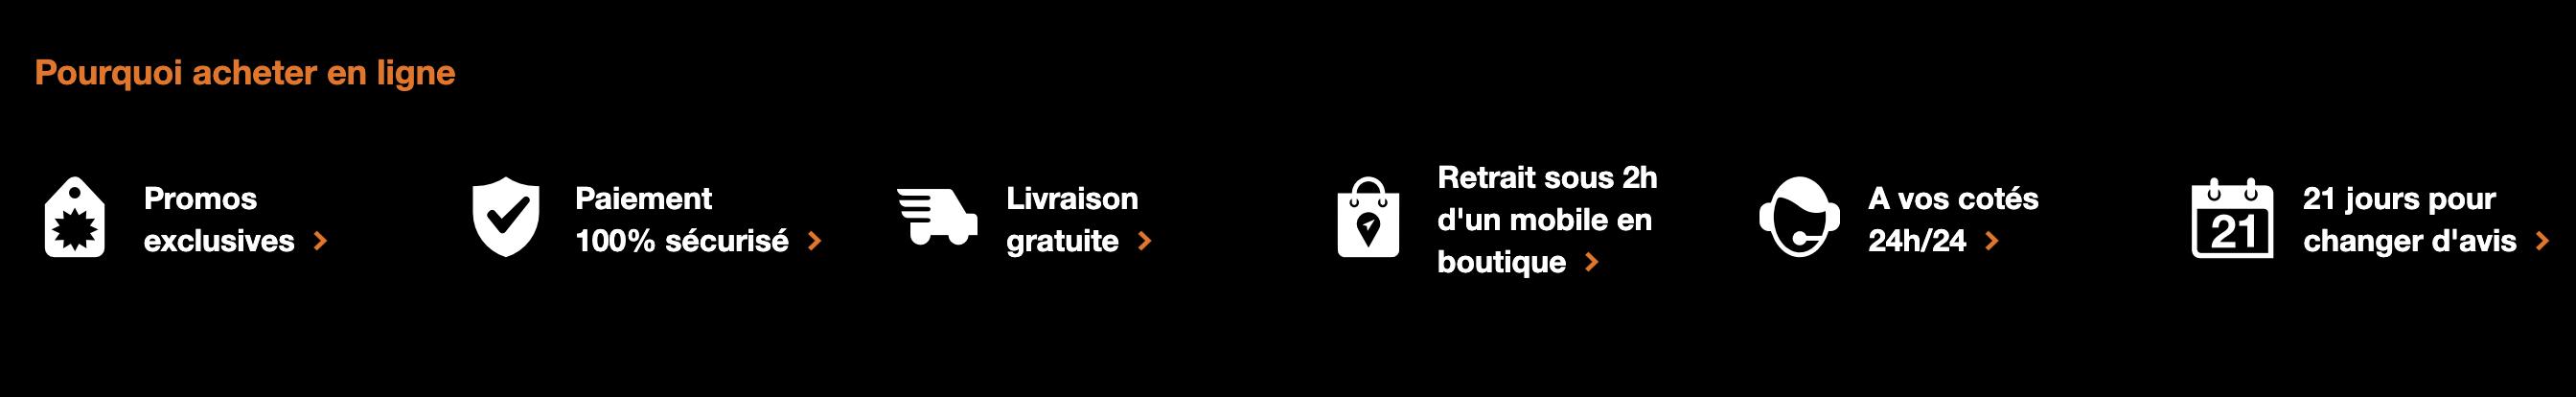 les points forts du service pour forfait mobile pas cher orange